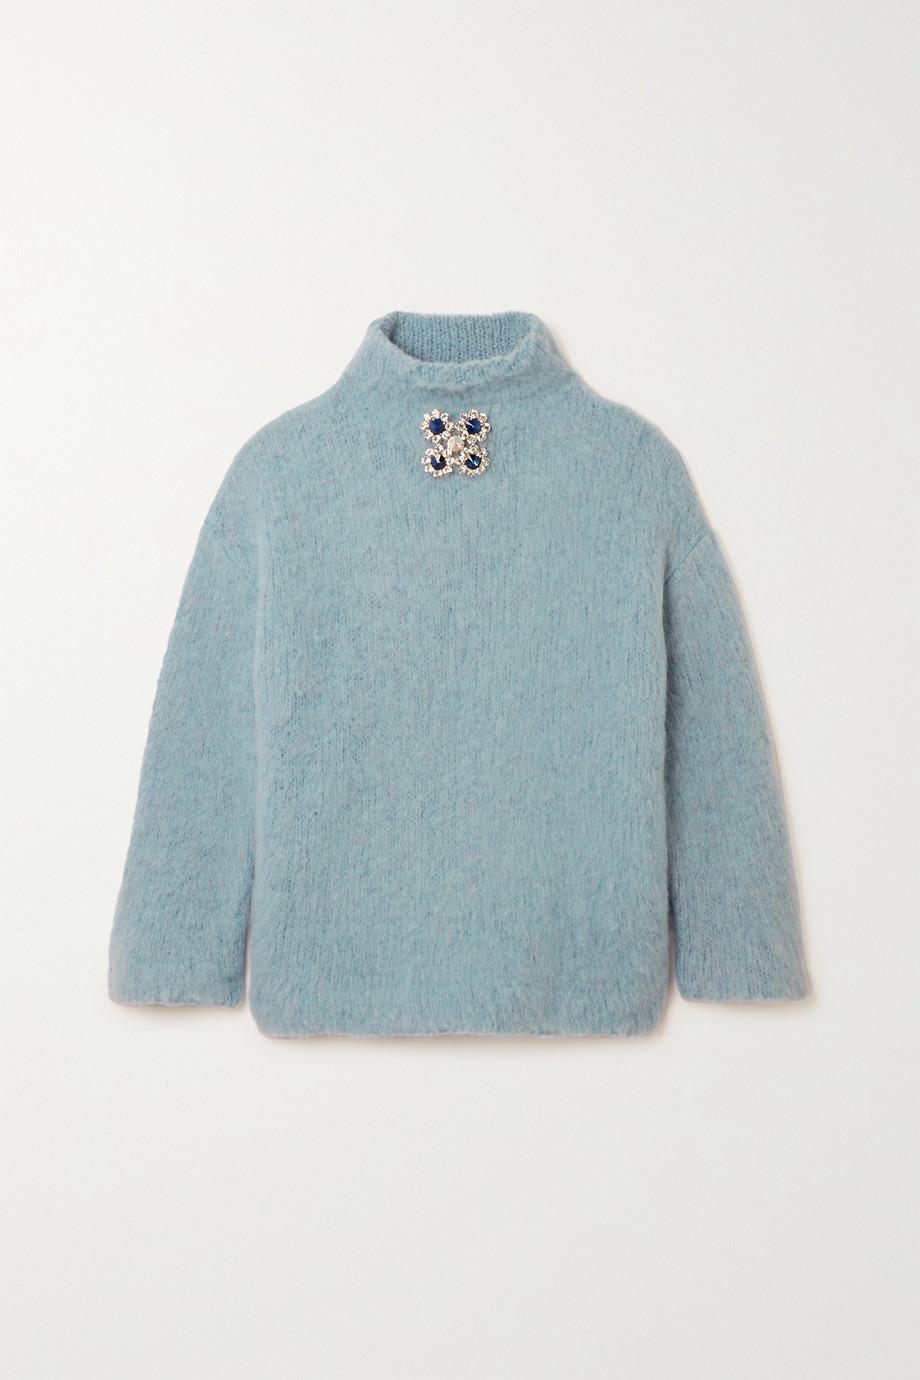 Christopher Kane 水晶缀饰羊毛混纺大毛圈布毛衣